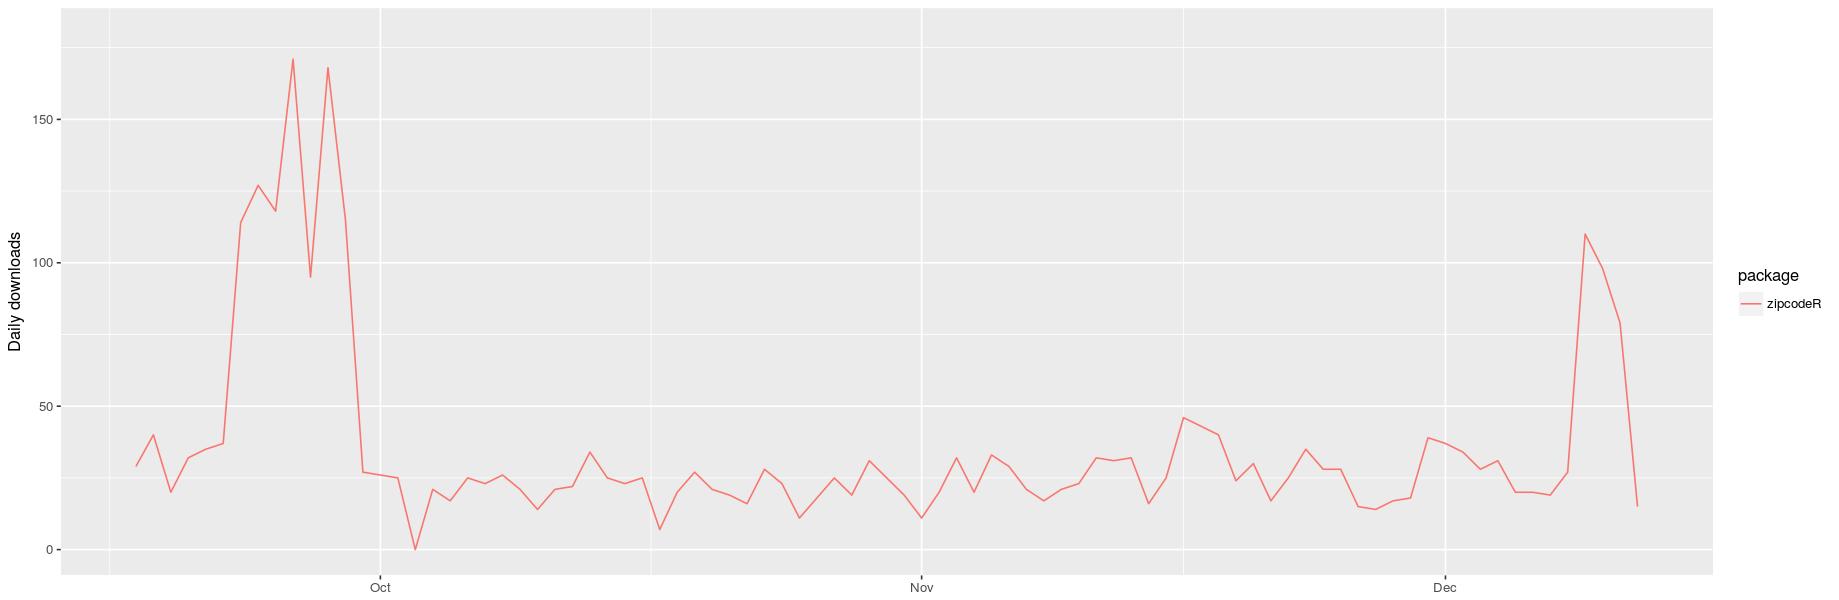 CRAN downloads of {zipcodeR} from Sept. - Dec. 2020